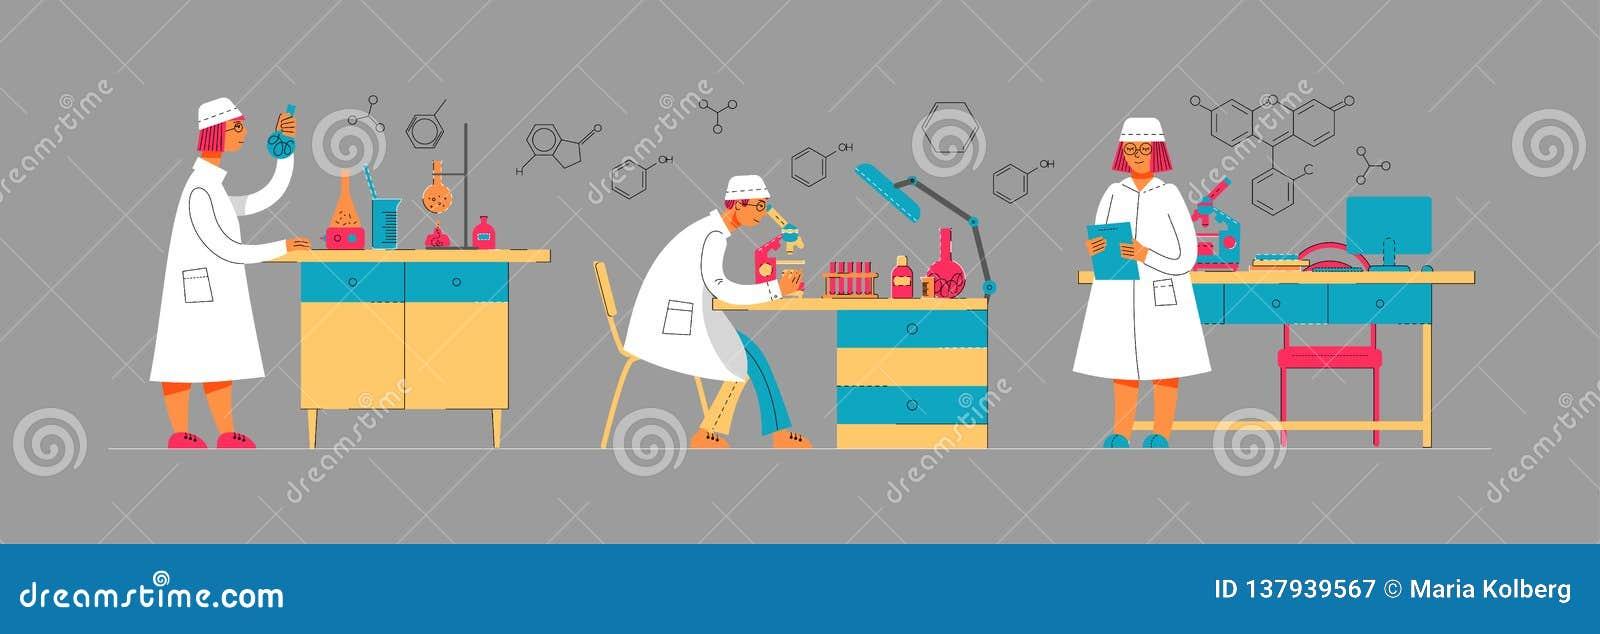 Οι άνθρωποι σε ομοιόμορφο εργάζονται σε ένα εργαστήριο Χημικό και βιολογικό εργαστήριο